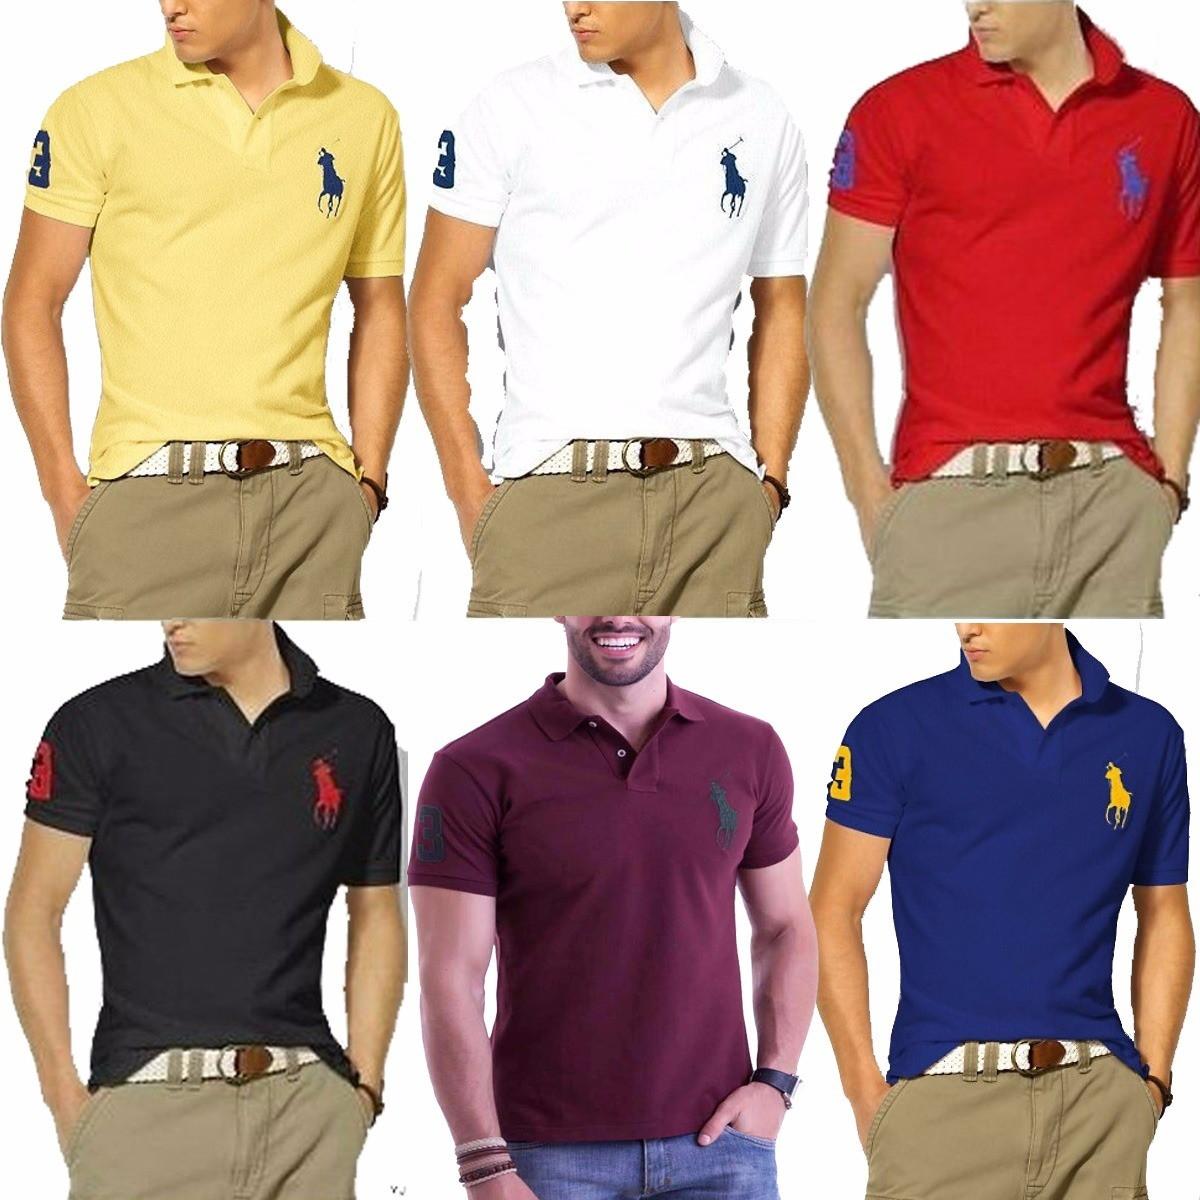 Kit 10 Camisetas Estampadas Atacado Revenda Varias Marcas  6621fcf326e05